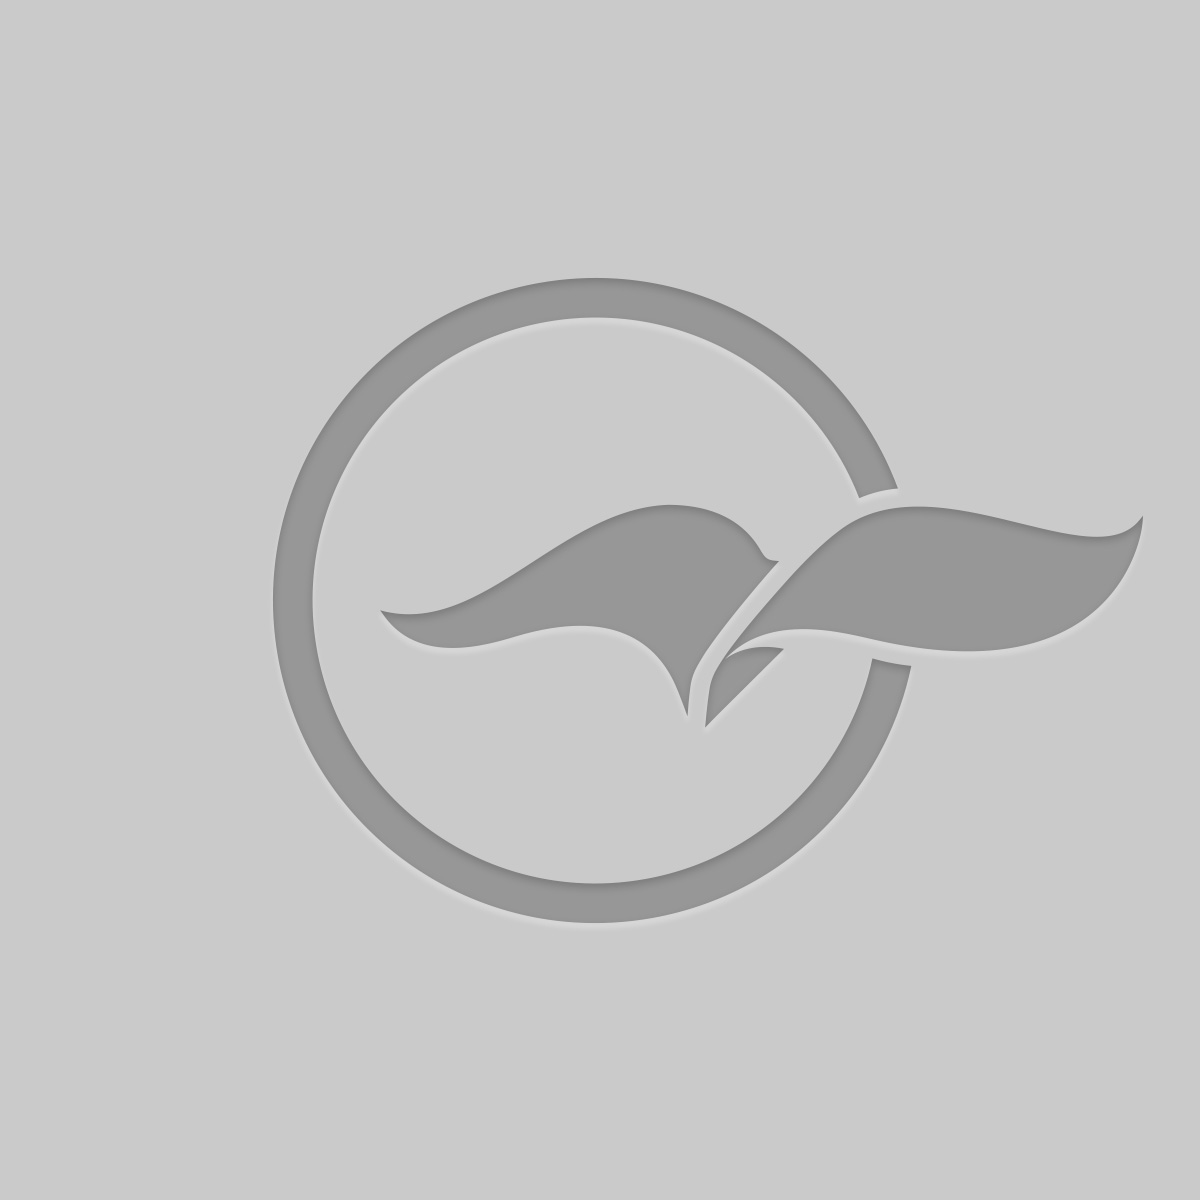 ആയാംകുടി പാര്ക്കില് മസ്ജിദ് ഒരുക്കി വിദേശ മലയാളി